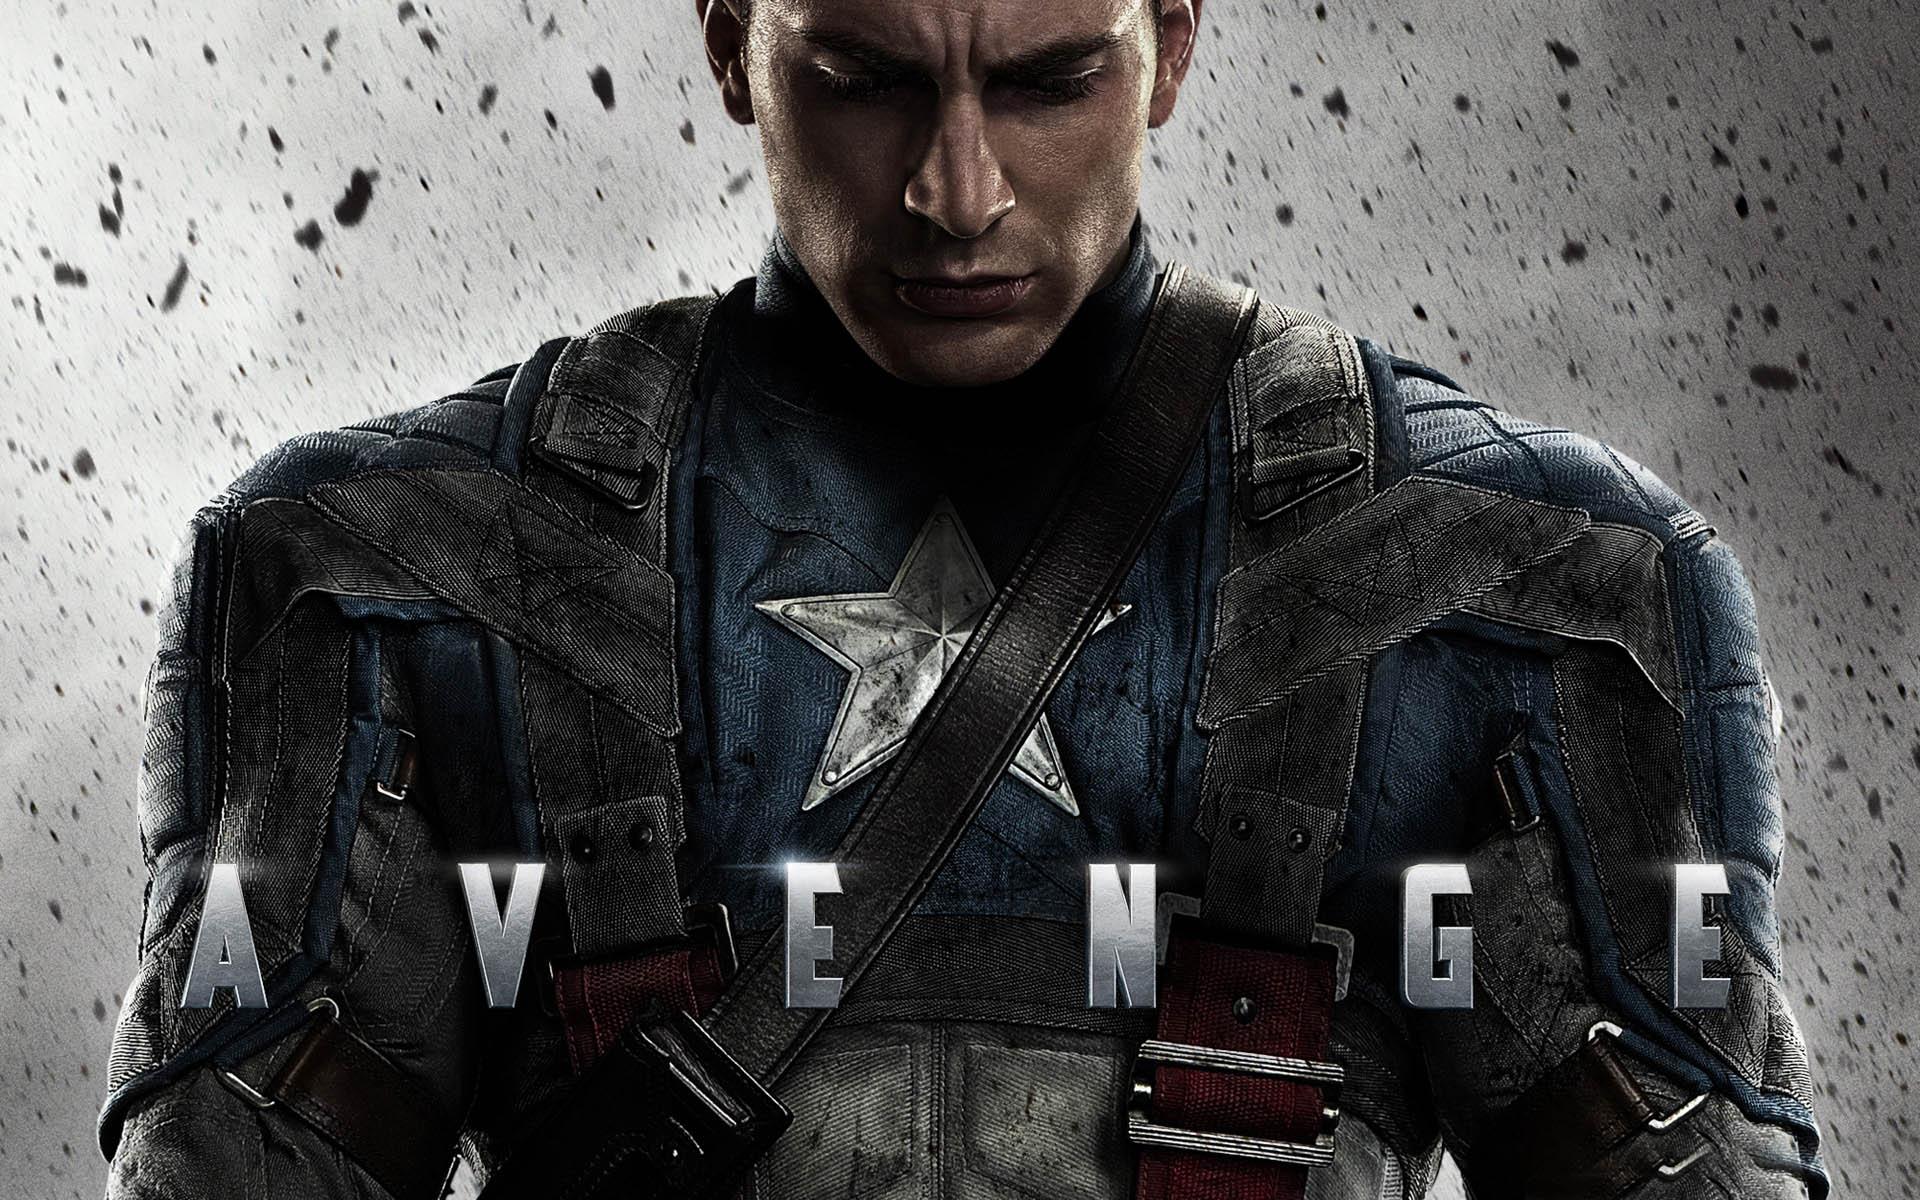 2887324-captain_america_movie_2011